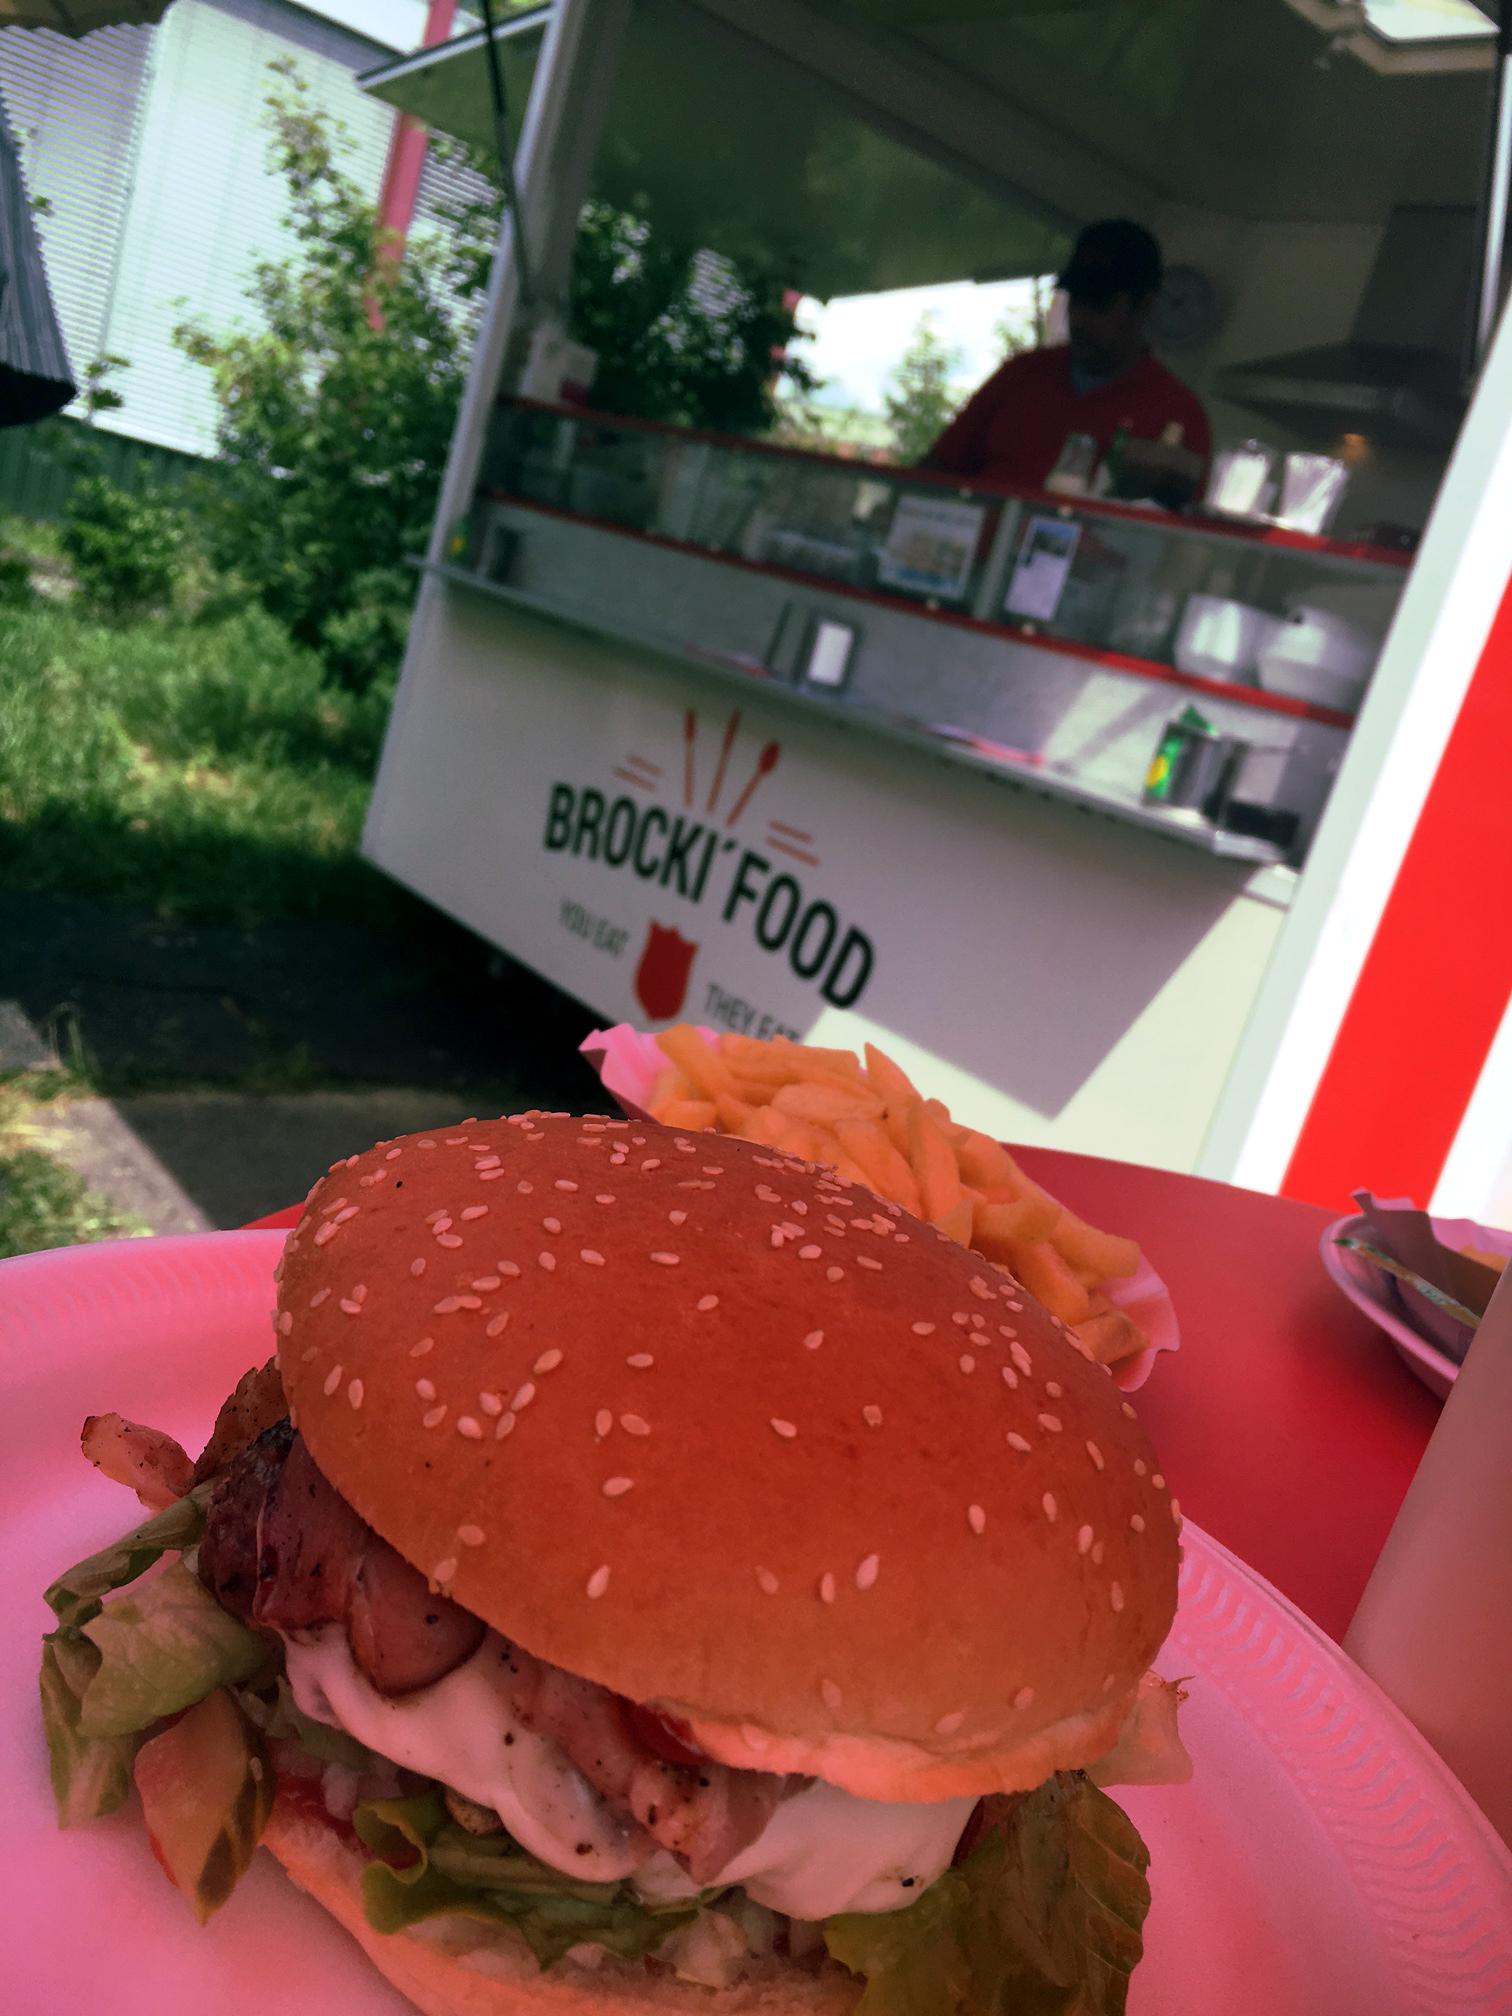 Le Brocki'Food en action à la filiale brocki.ch Genève Le Lignon.